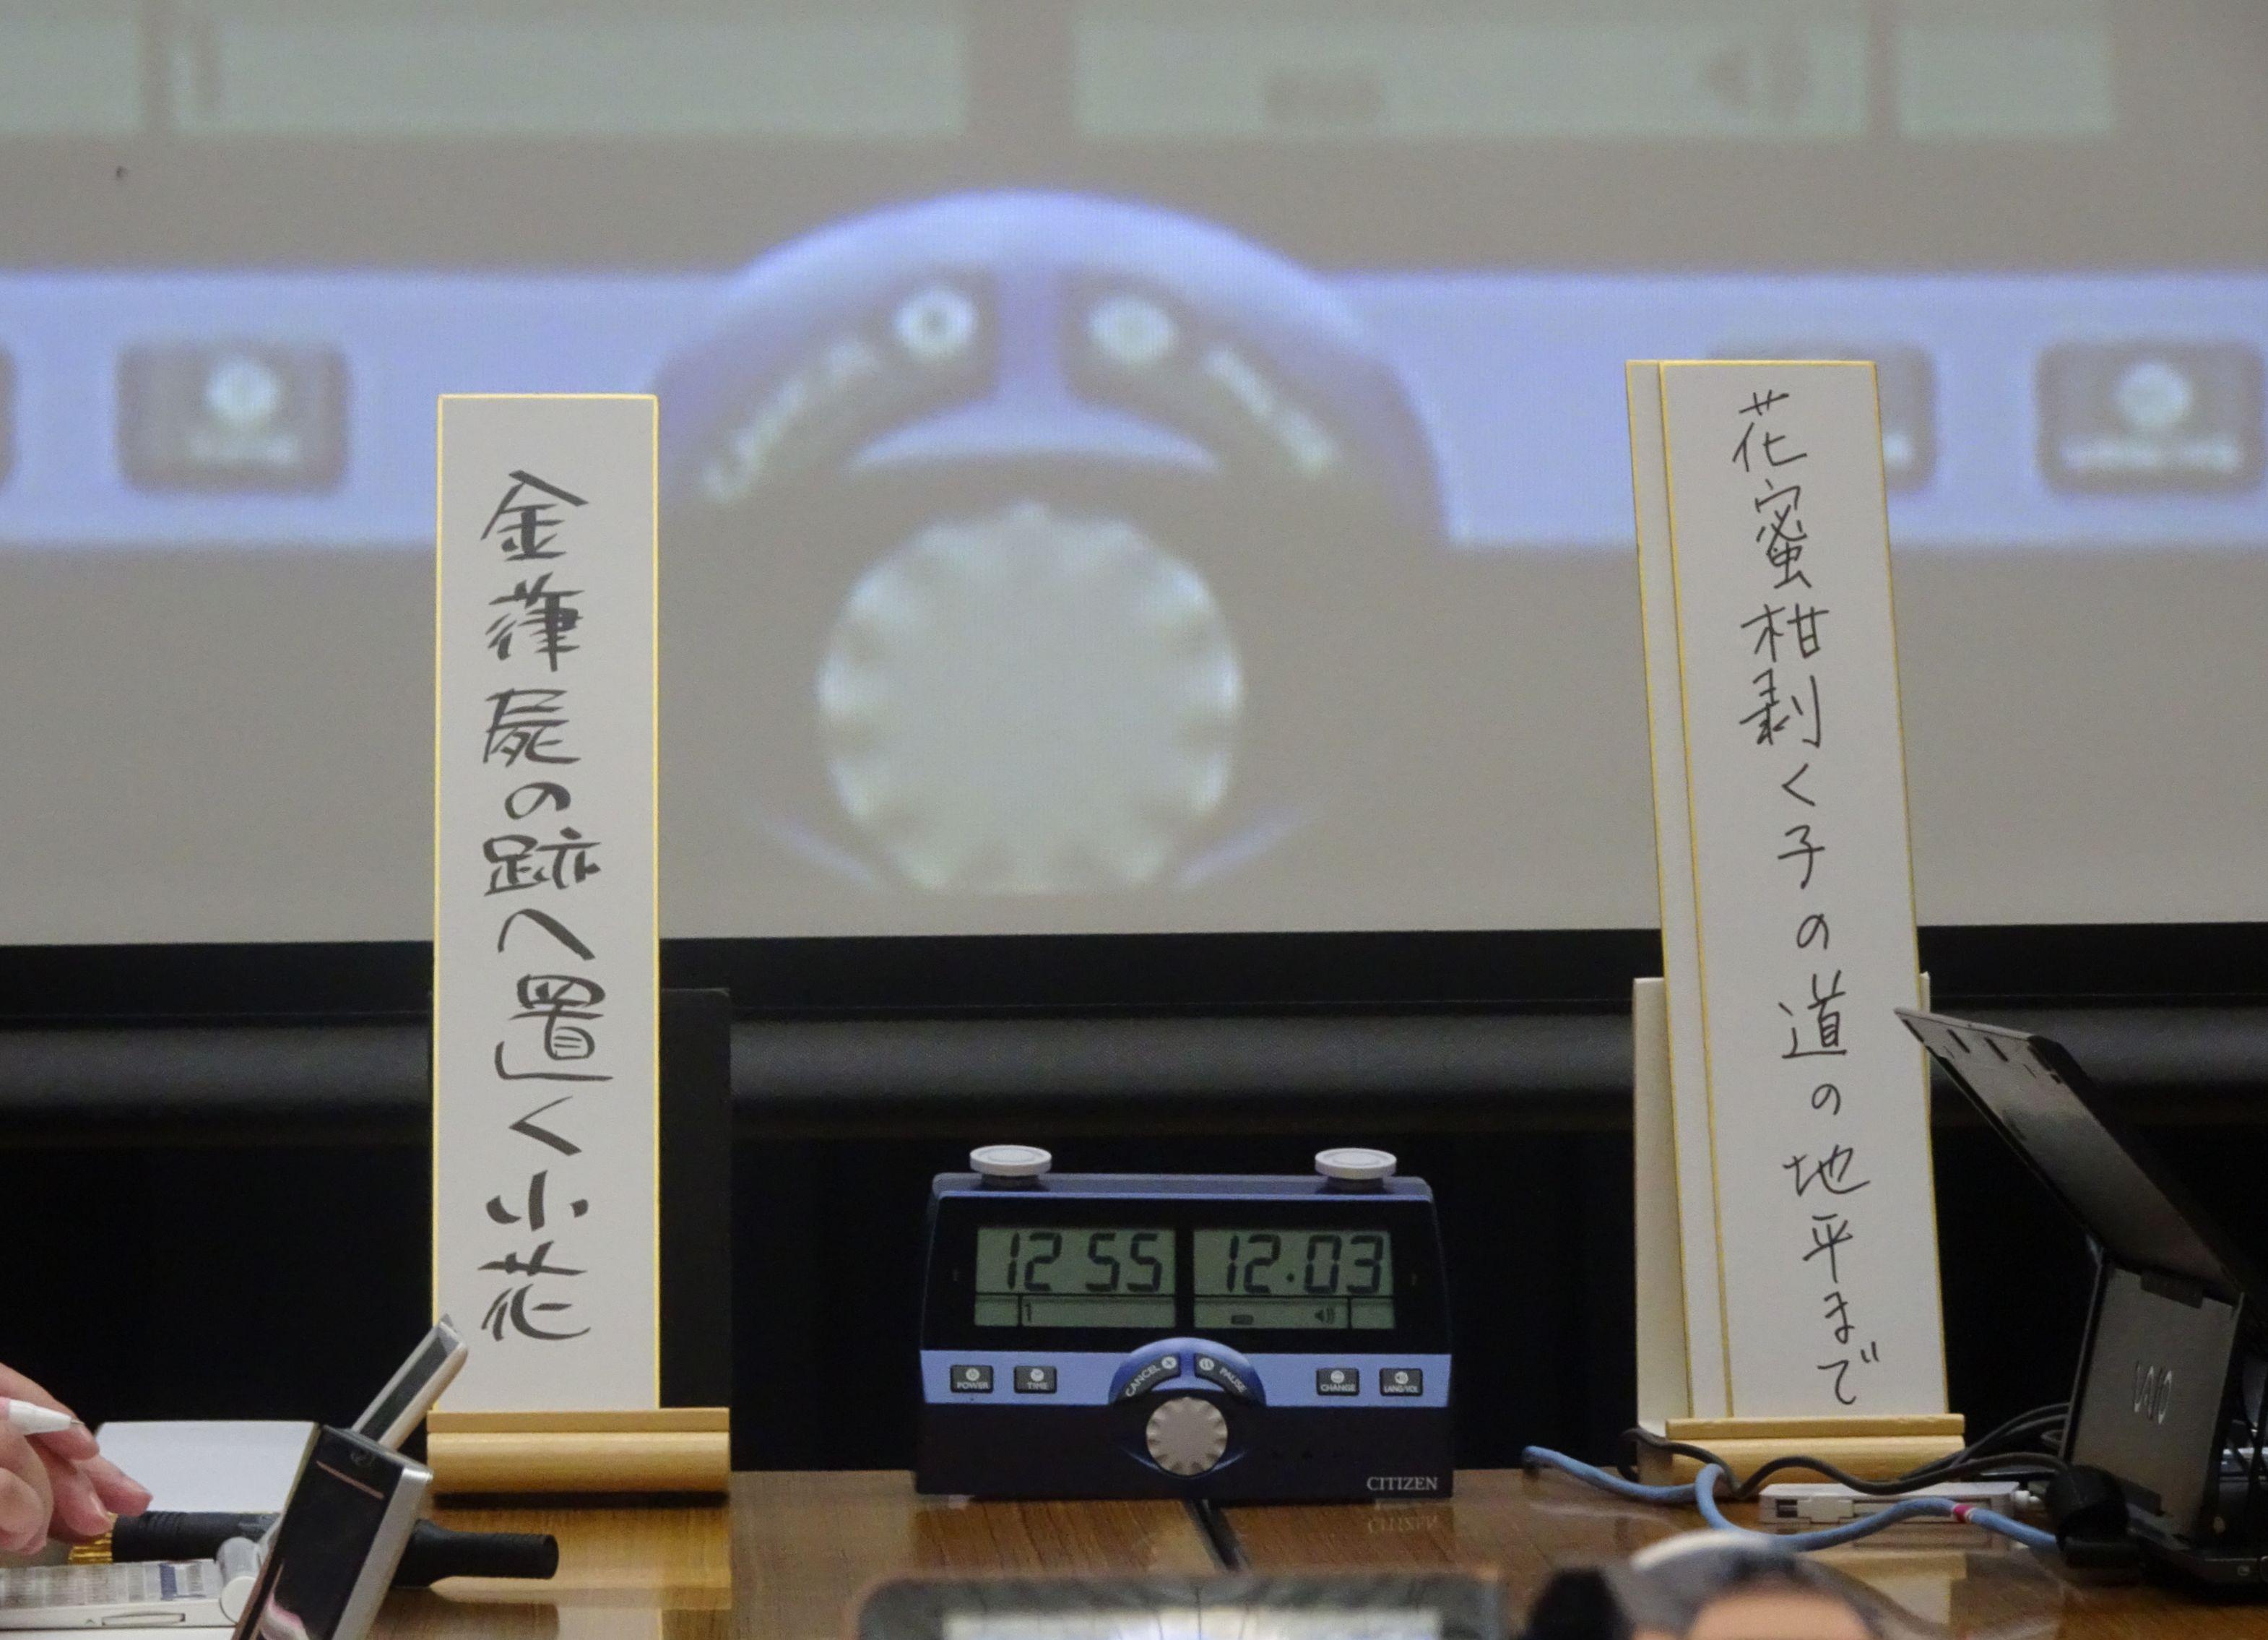 7月にあった「AIのMIRAI、俳句の未来ー俳句対局@in北海道大学ー」